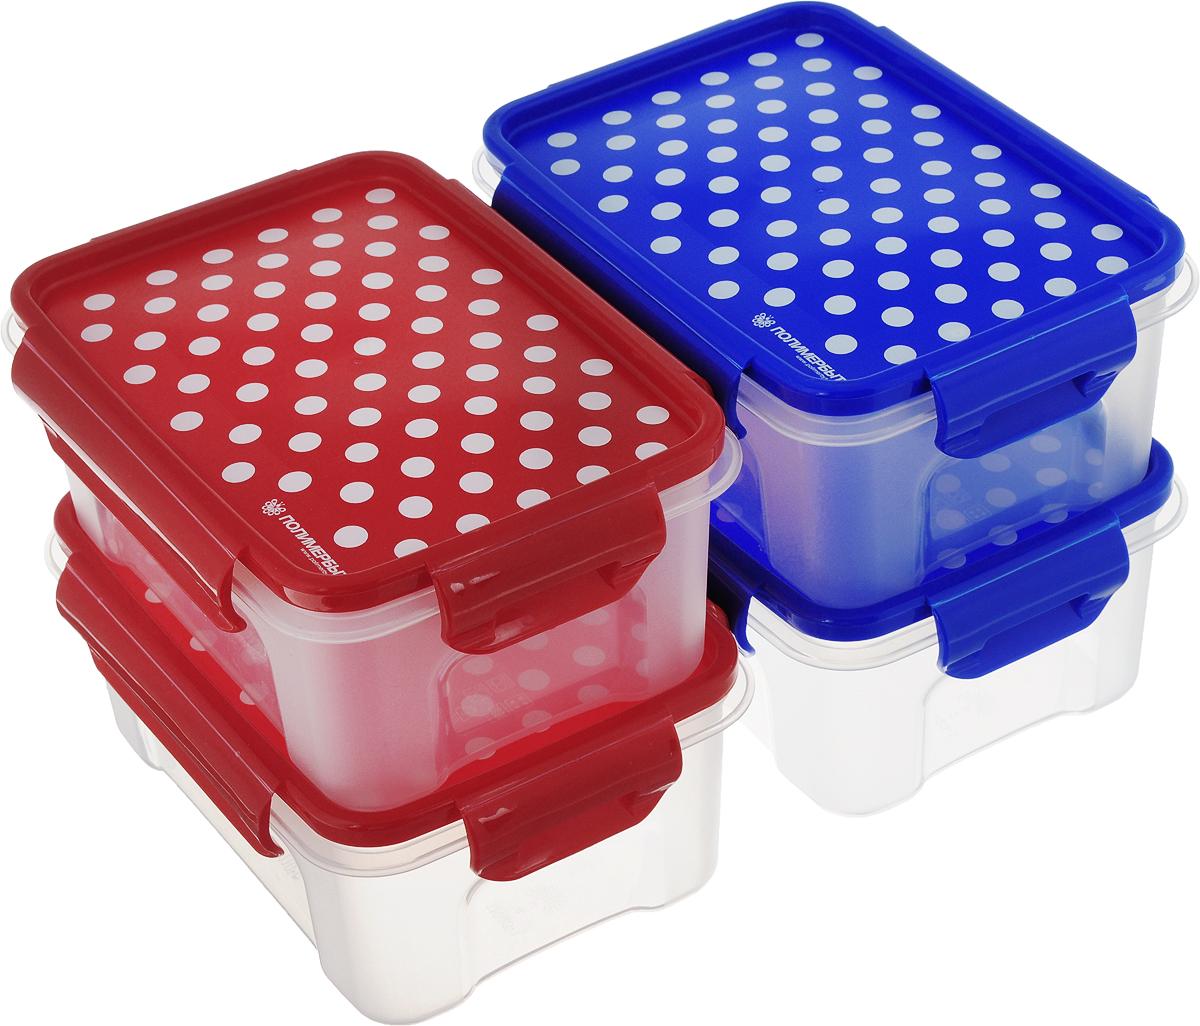 Набор контейнеров Полимербыт Горох, прямоугольные, цвет: прозрачный, синий, красный, 0,75 л, 4 штSGHPBKP109Набор Полимербыт Горох состоит из четырех контейнеров, которые изготовлены из высококачественного пластика. Изделие идеально подходит не только для хранения, но и для транспортировки пищи. Контейнеры оснащены плотно закрывающимися крышками. Можно использовать в СВЧ-печах, холодильниках и морозильных камерах. Можно мыть в посудомоечной машине. Размер контейнера (без учета крышки): 16 х 11см. Высота контейнера (без учета крышки): 5,5 см.